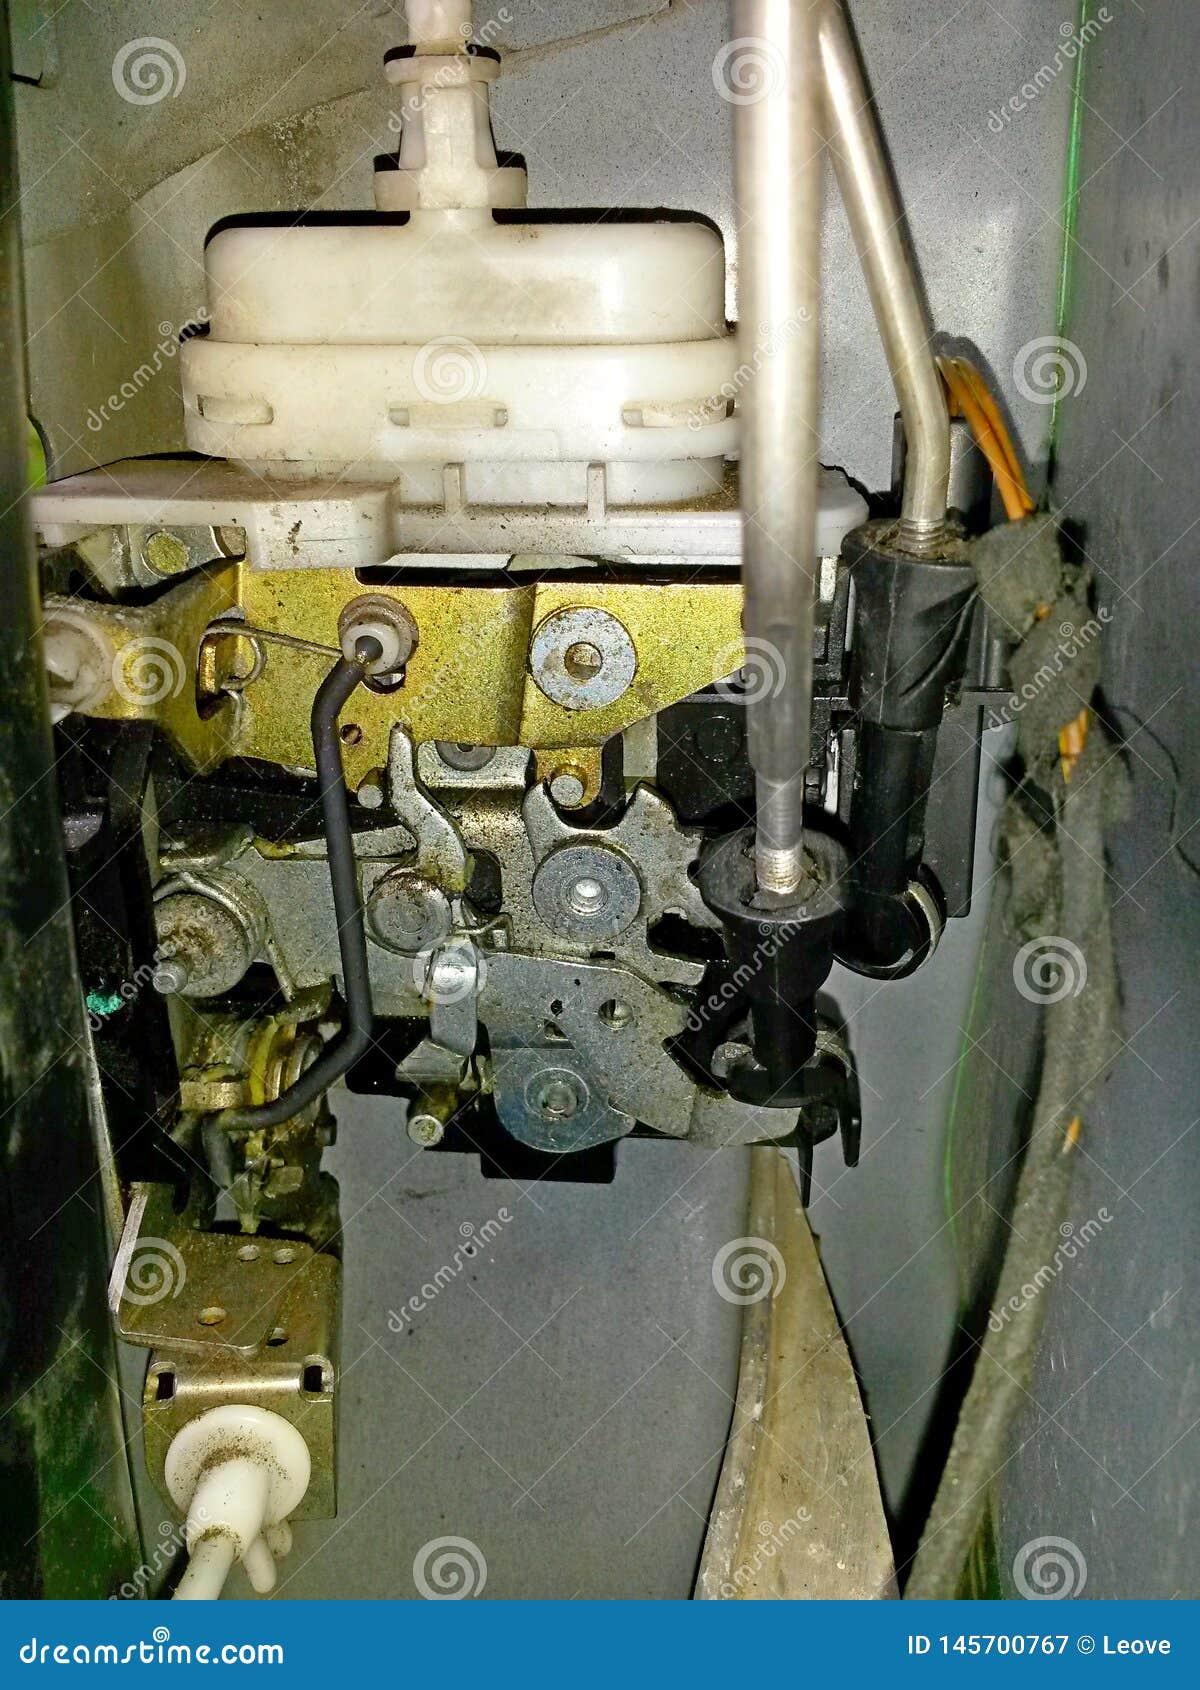 Autotürschlossmechanismus, elektrisch-pneumatisch, umfasst mit Staub